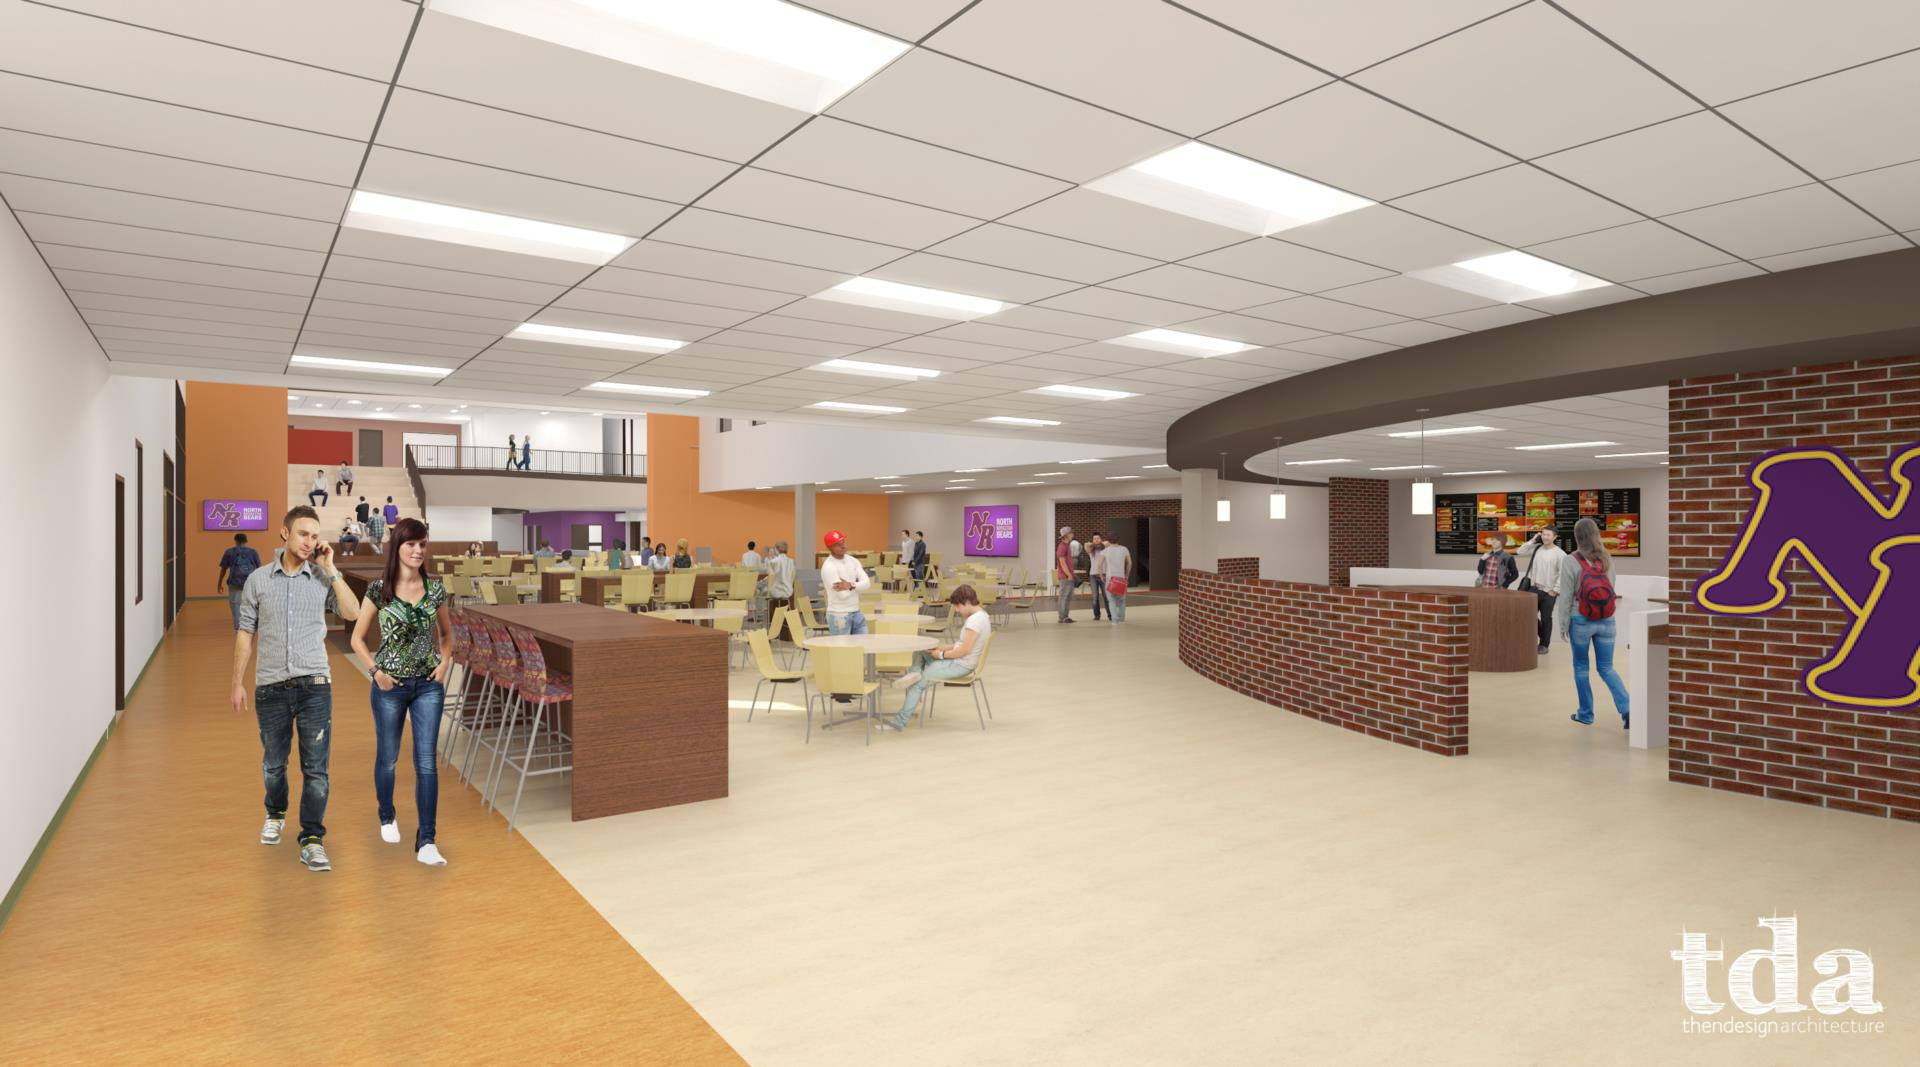 TDA - North Royalton High School Interior rendering